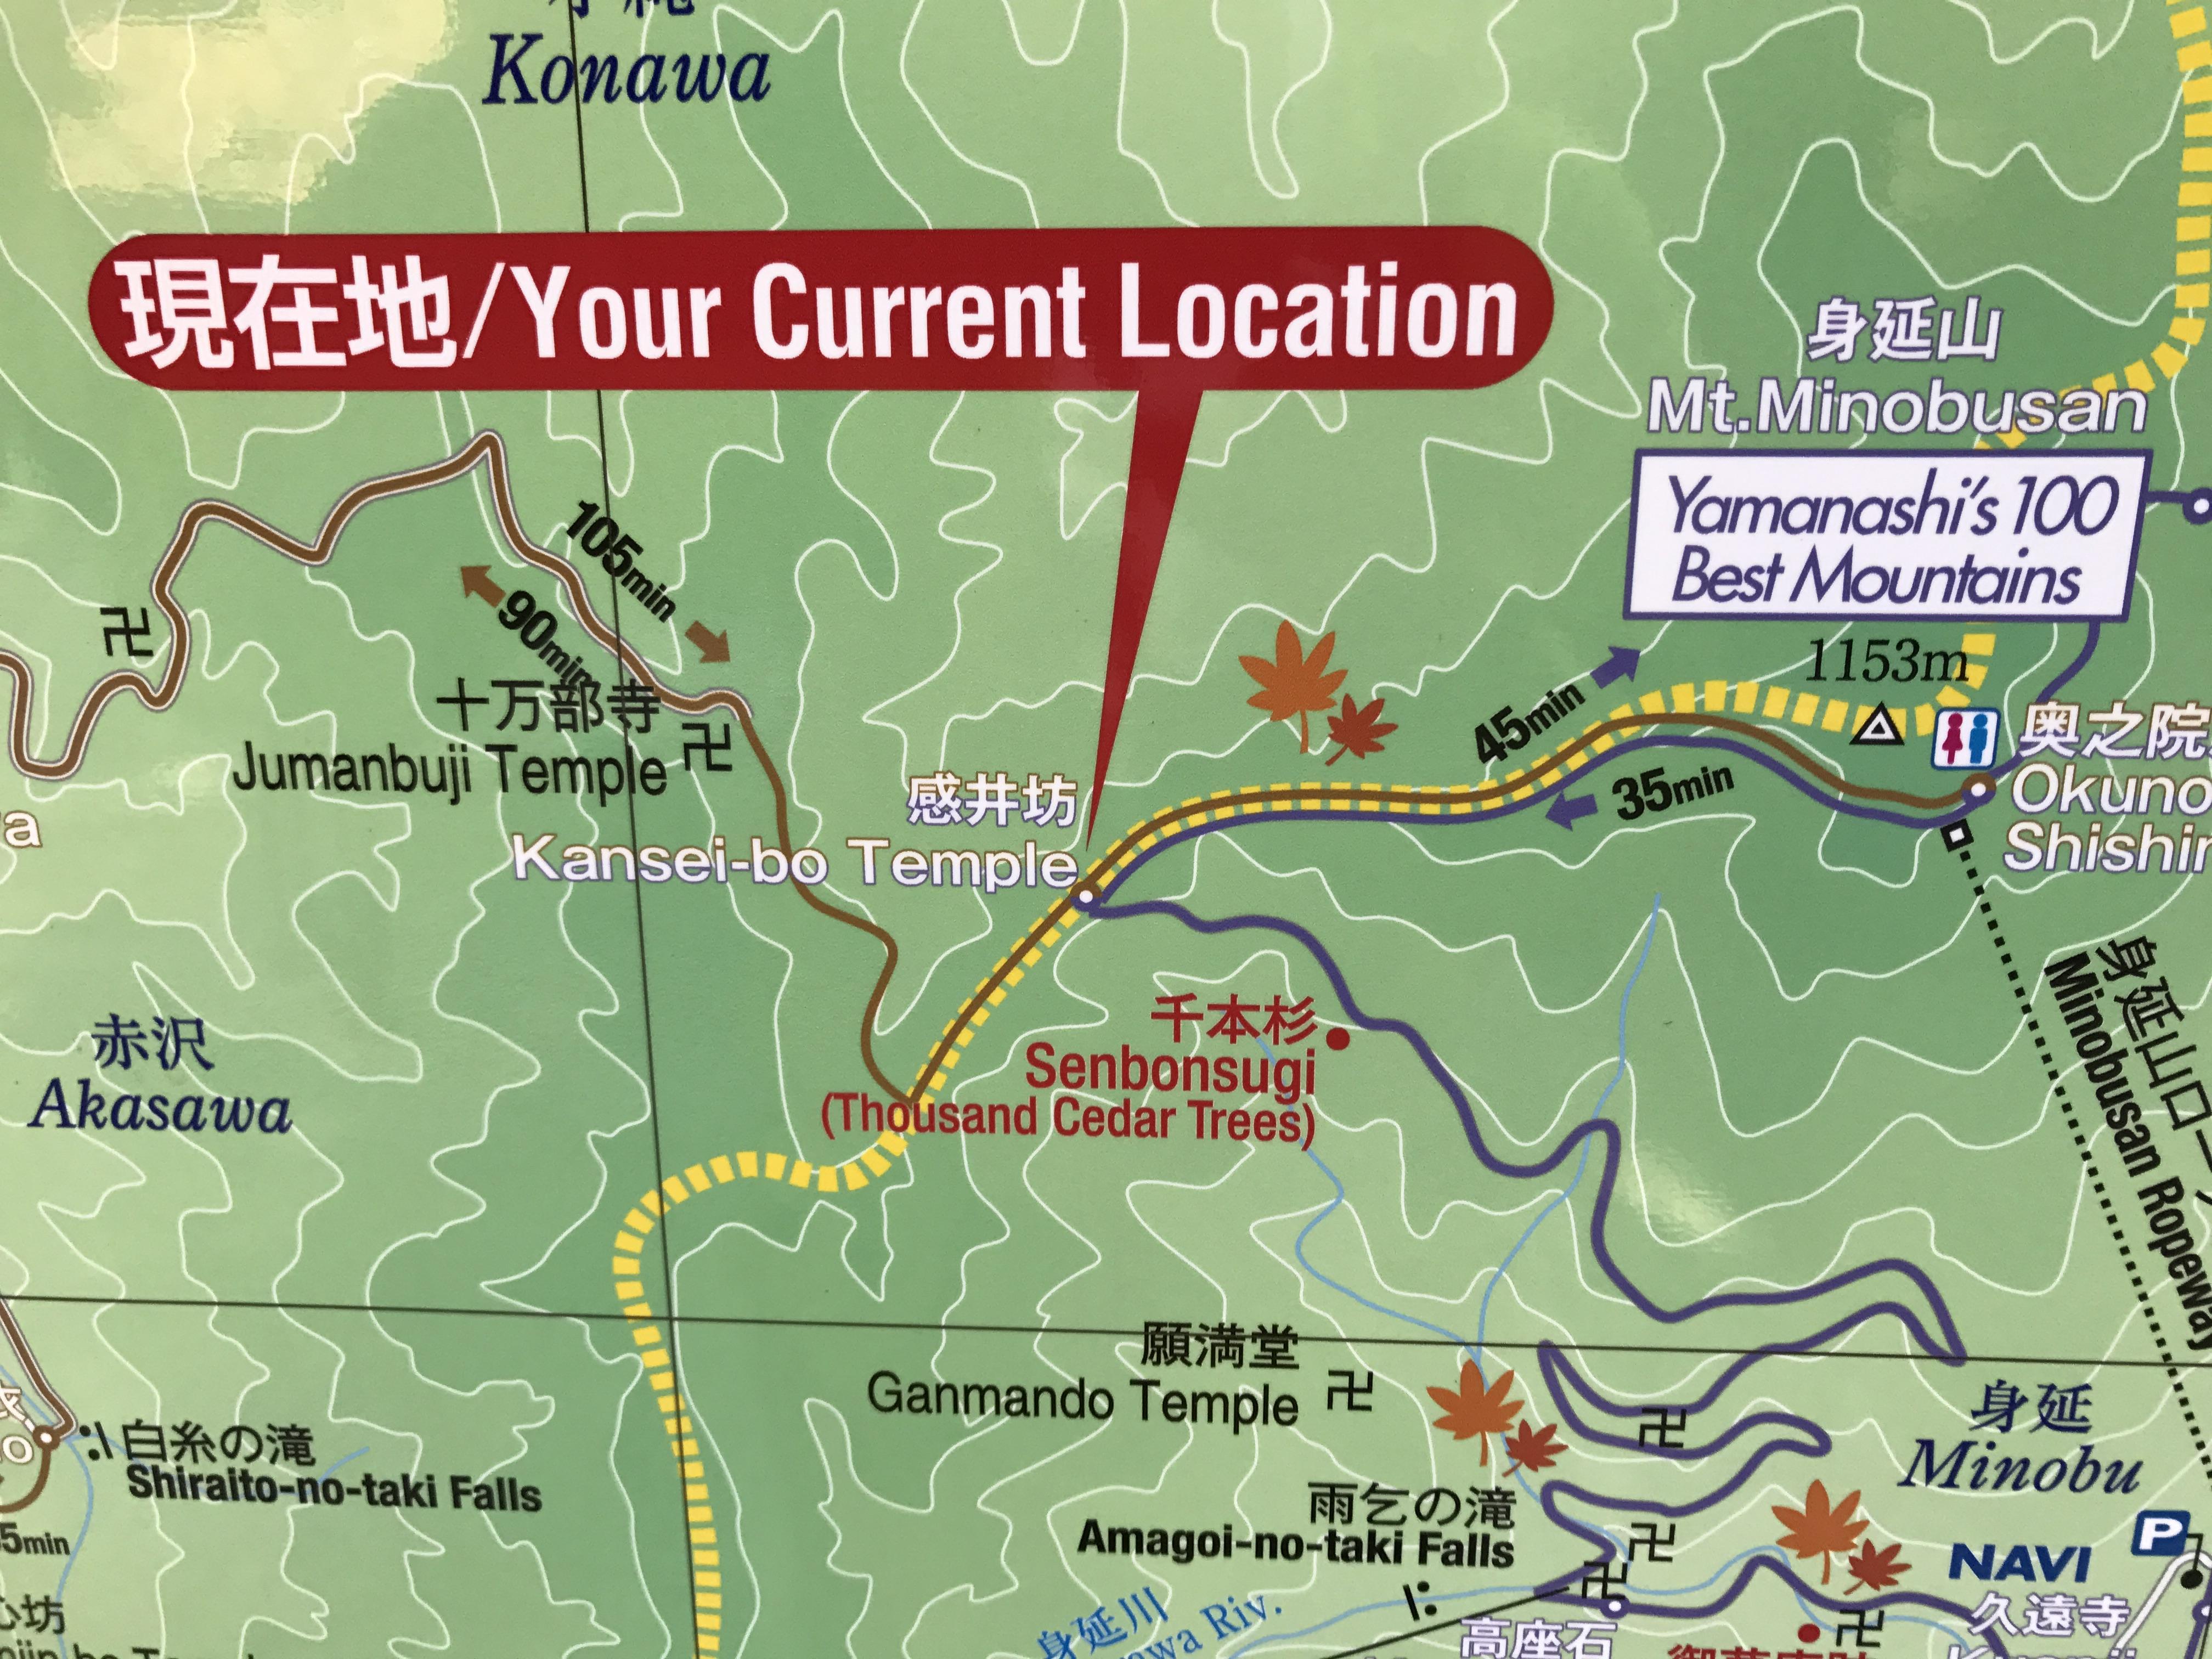 Hiking map of Minobusan